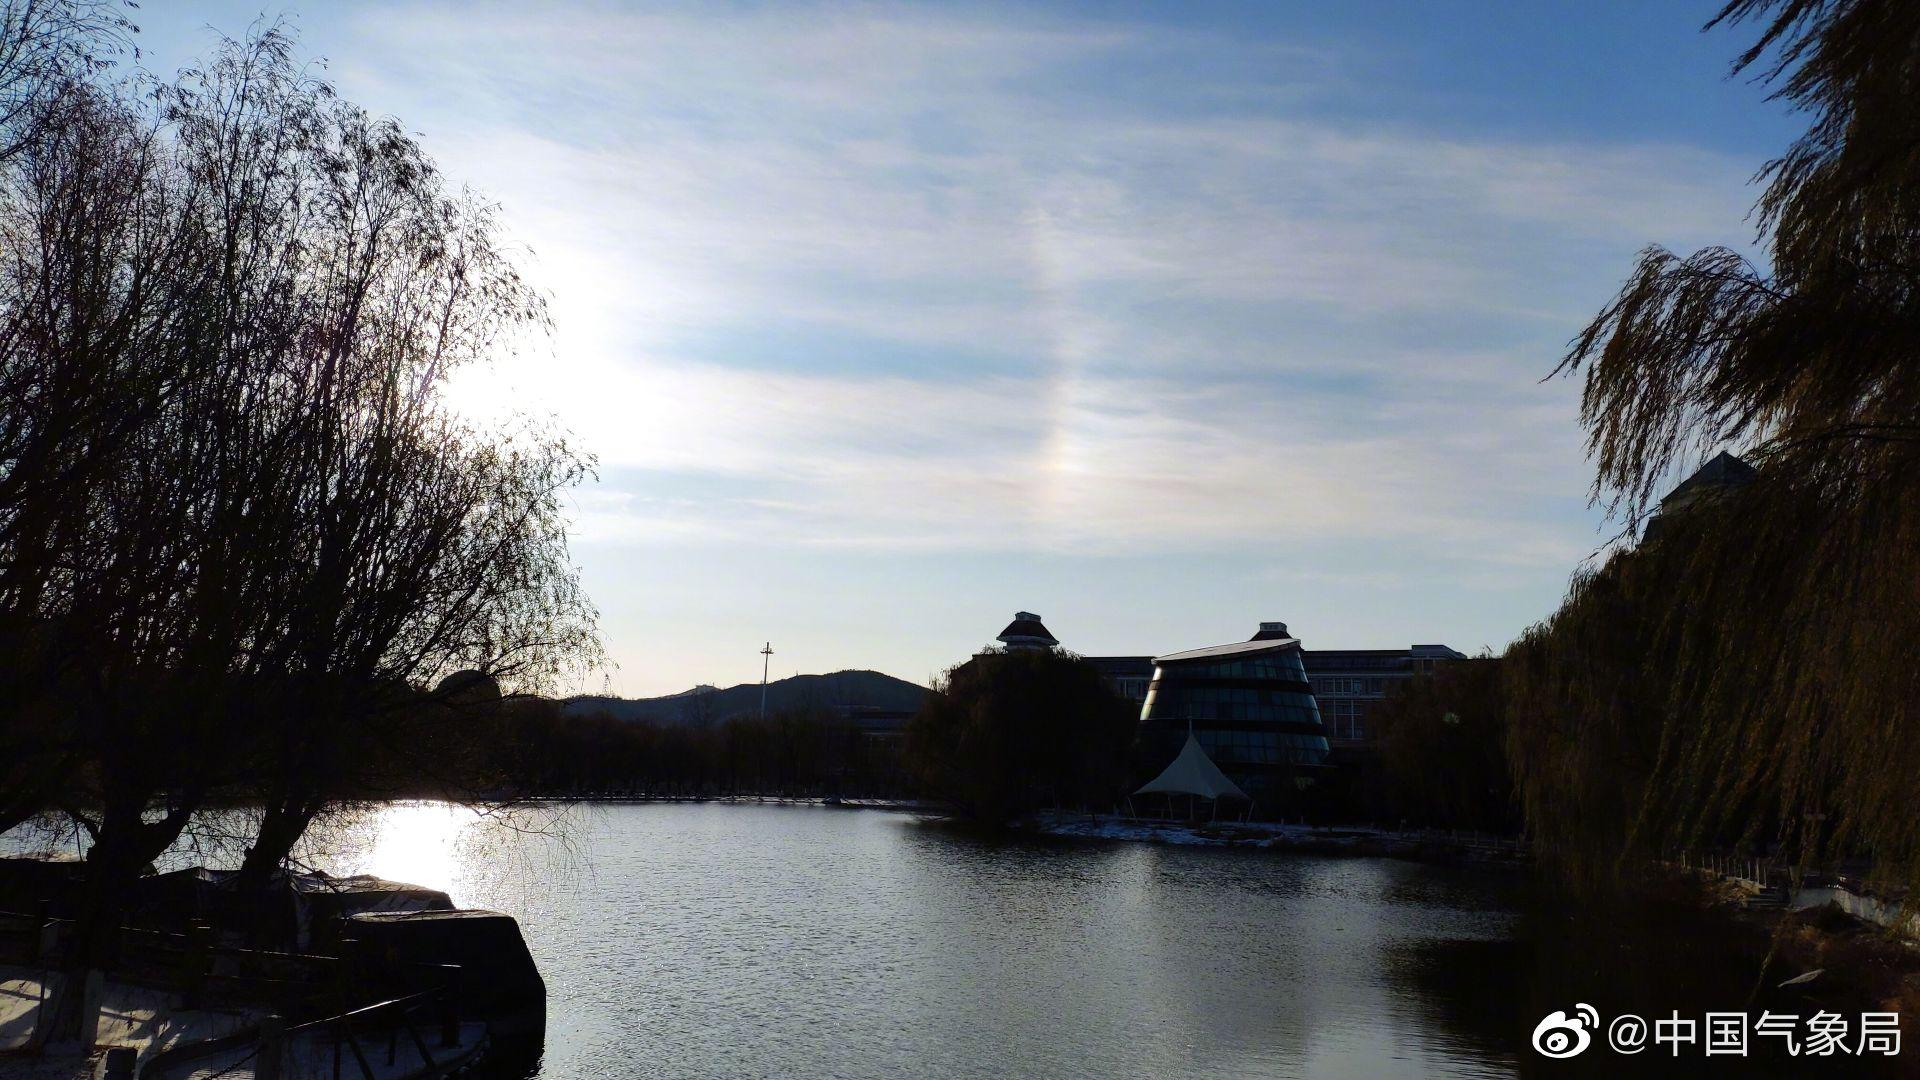 11月24日,辽宁锦州出现日晕现象。日晕,一种罕见的大气光学现象